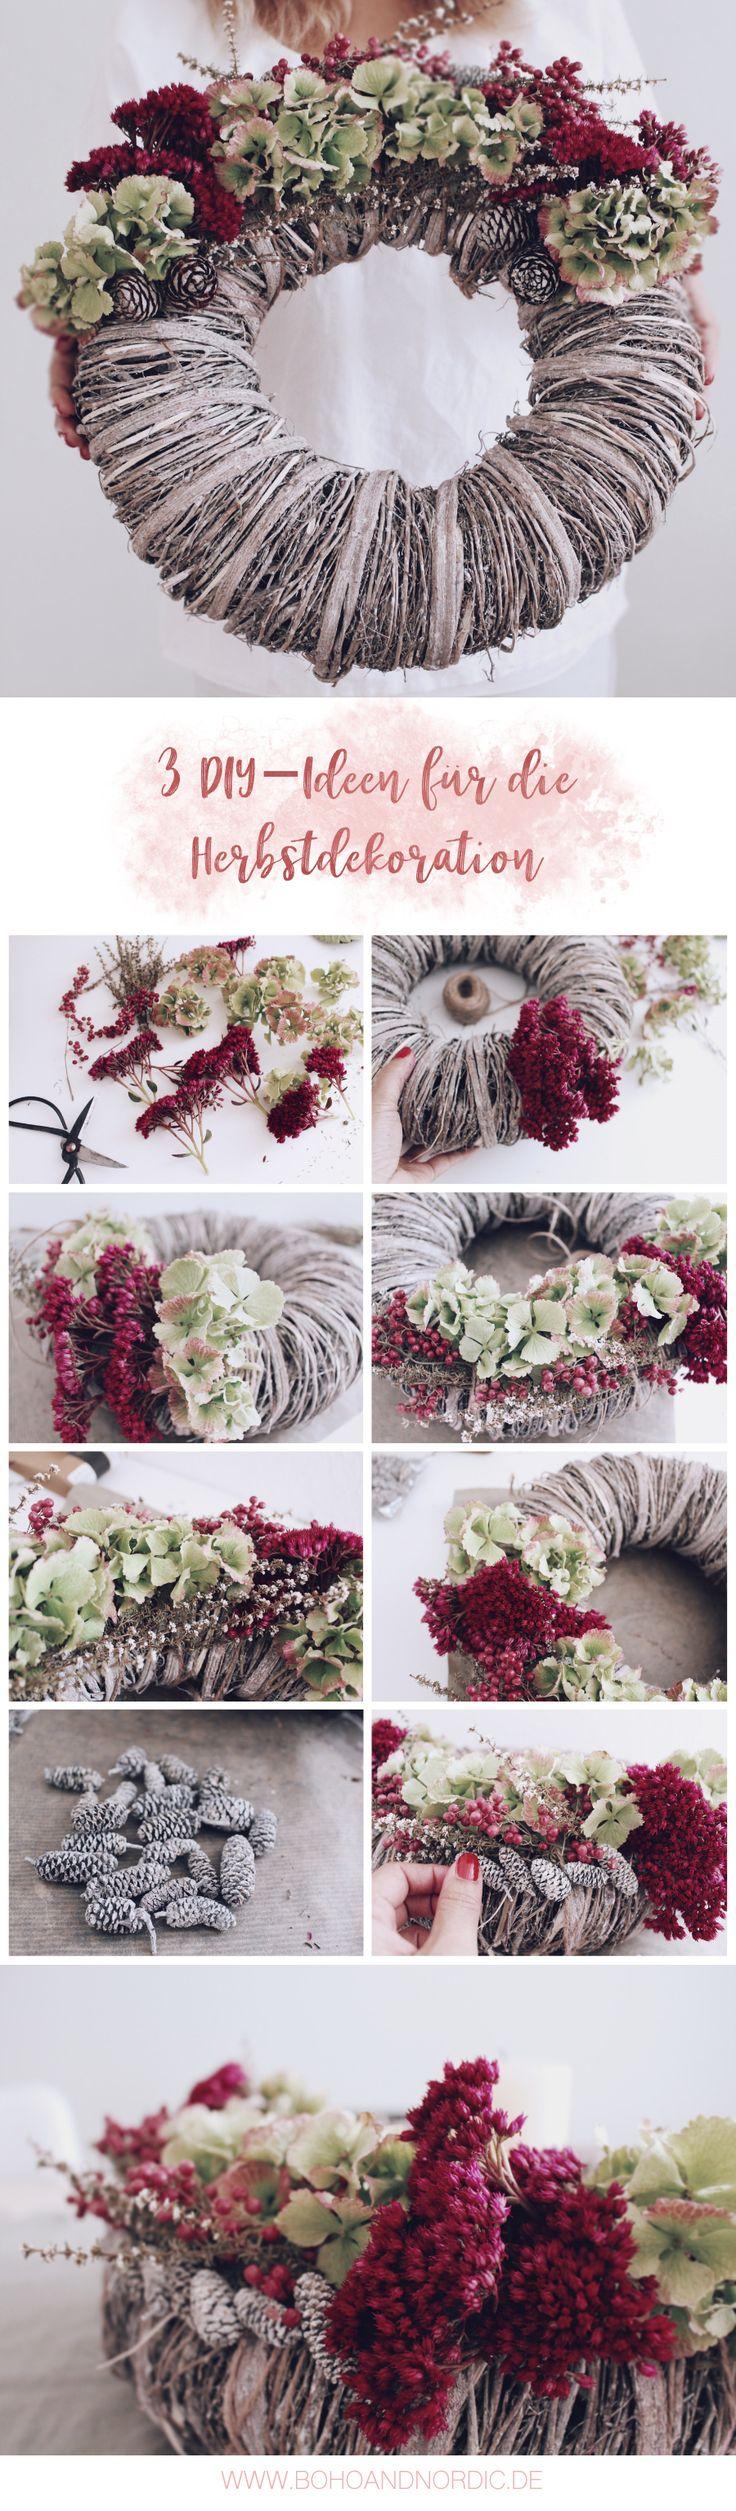 61 best DIY Herbst images on Pinterest   Diy dekoration, Advent und ...